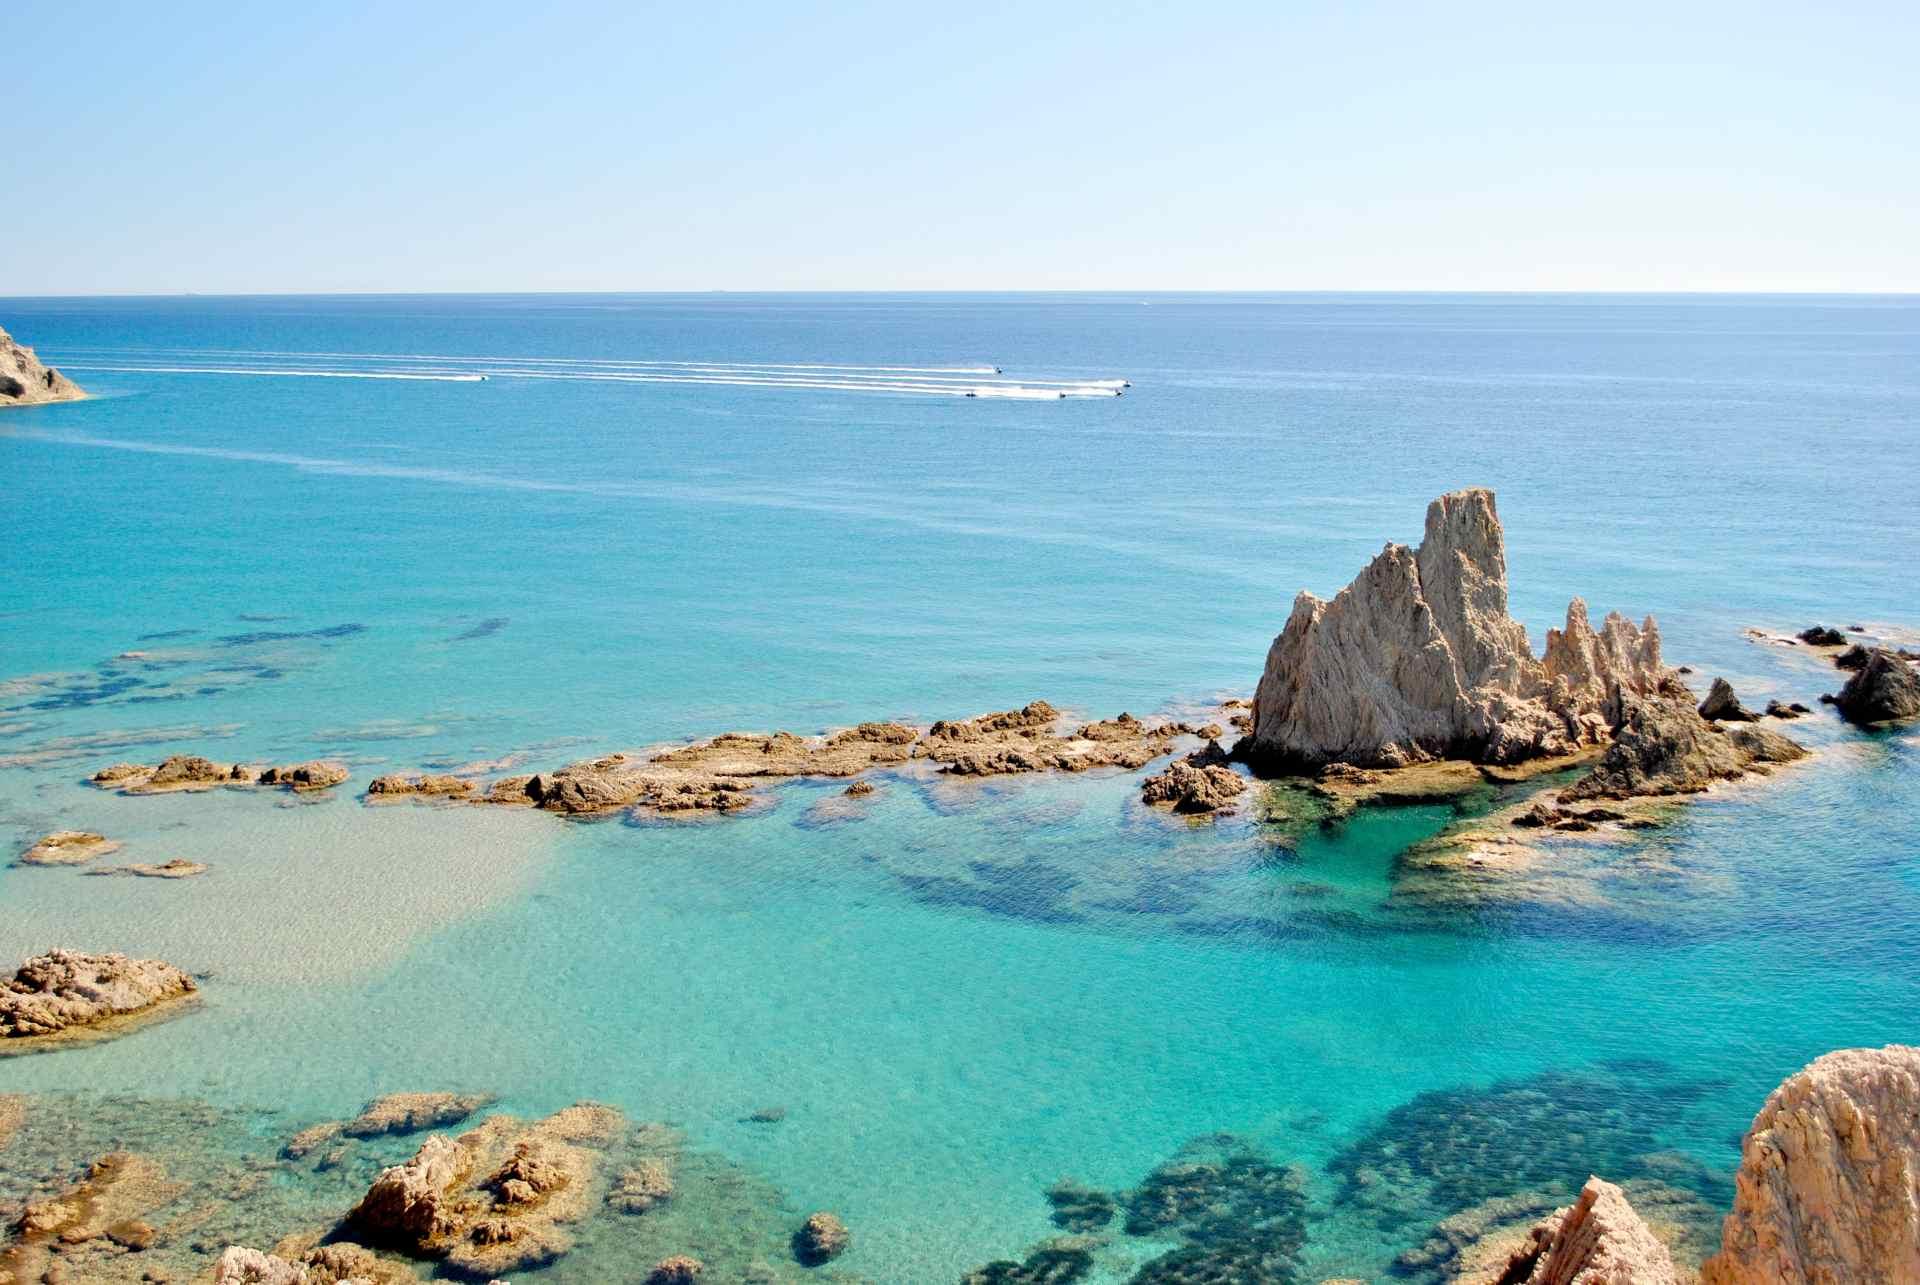 almeria_acuicultura de españa_costa